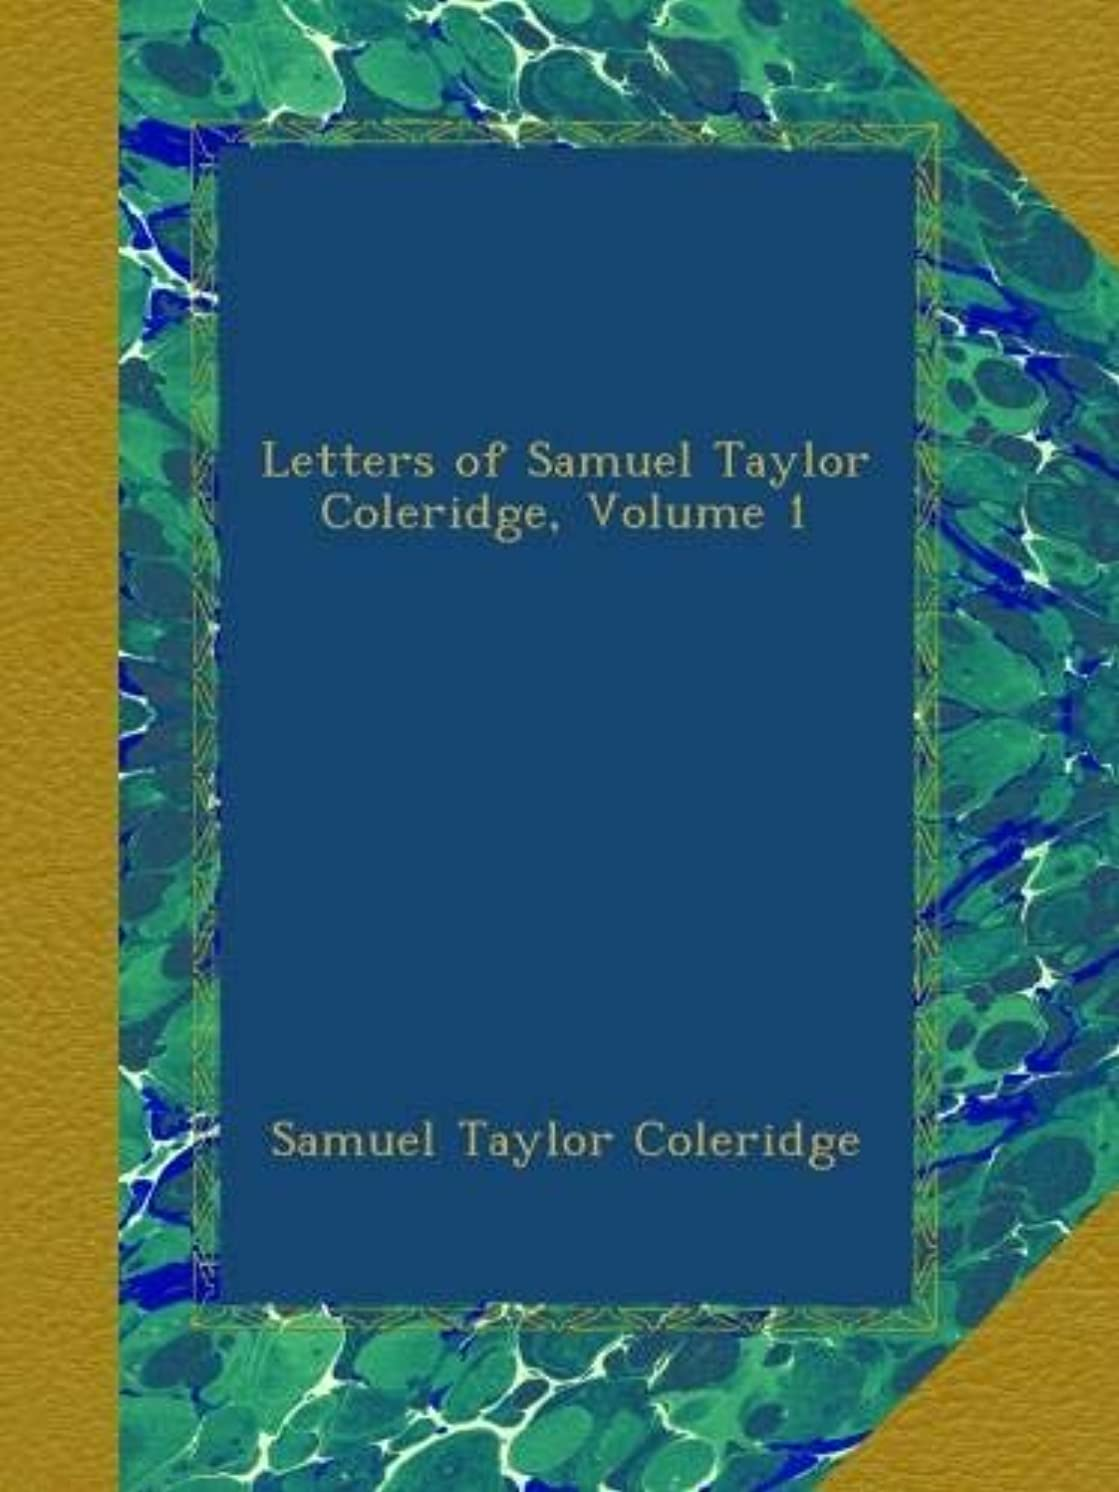 ご予約微視的軍団Letters of Samuel Taylor Coleridge, Volume 1